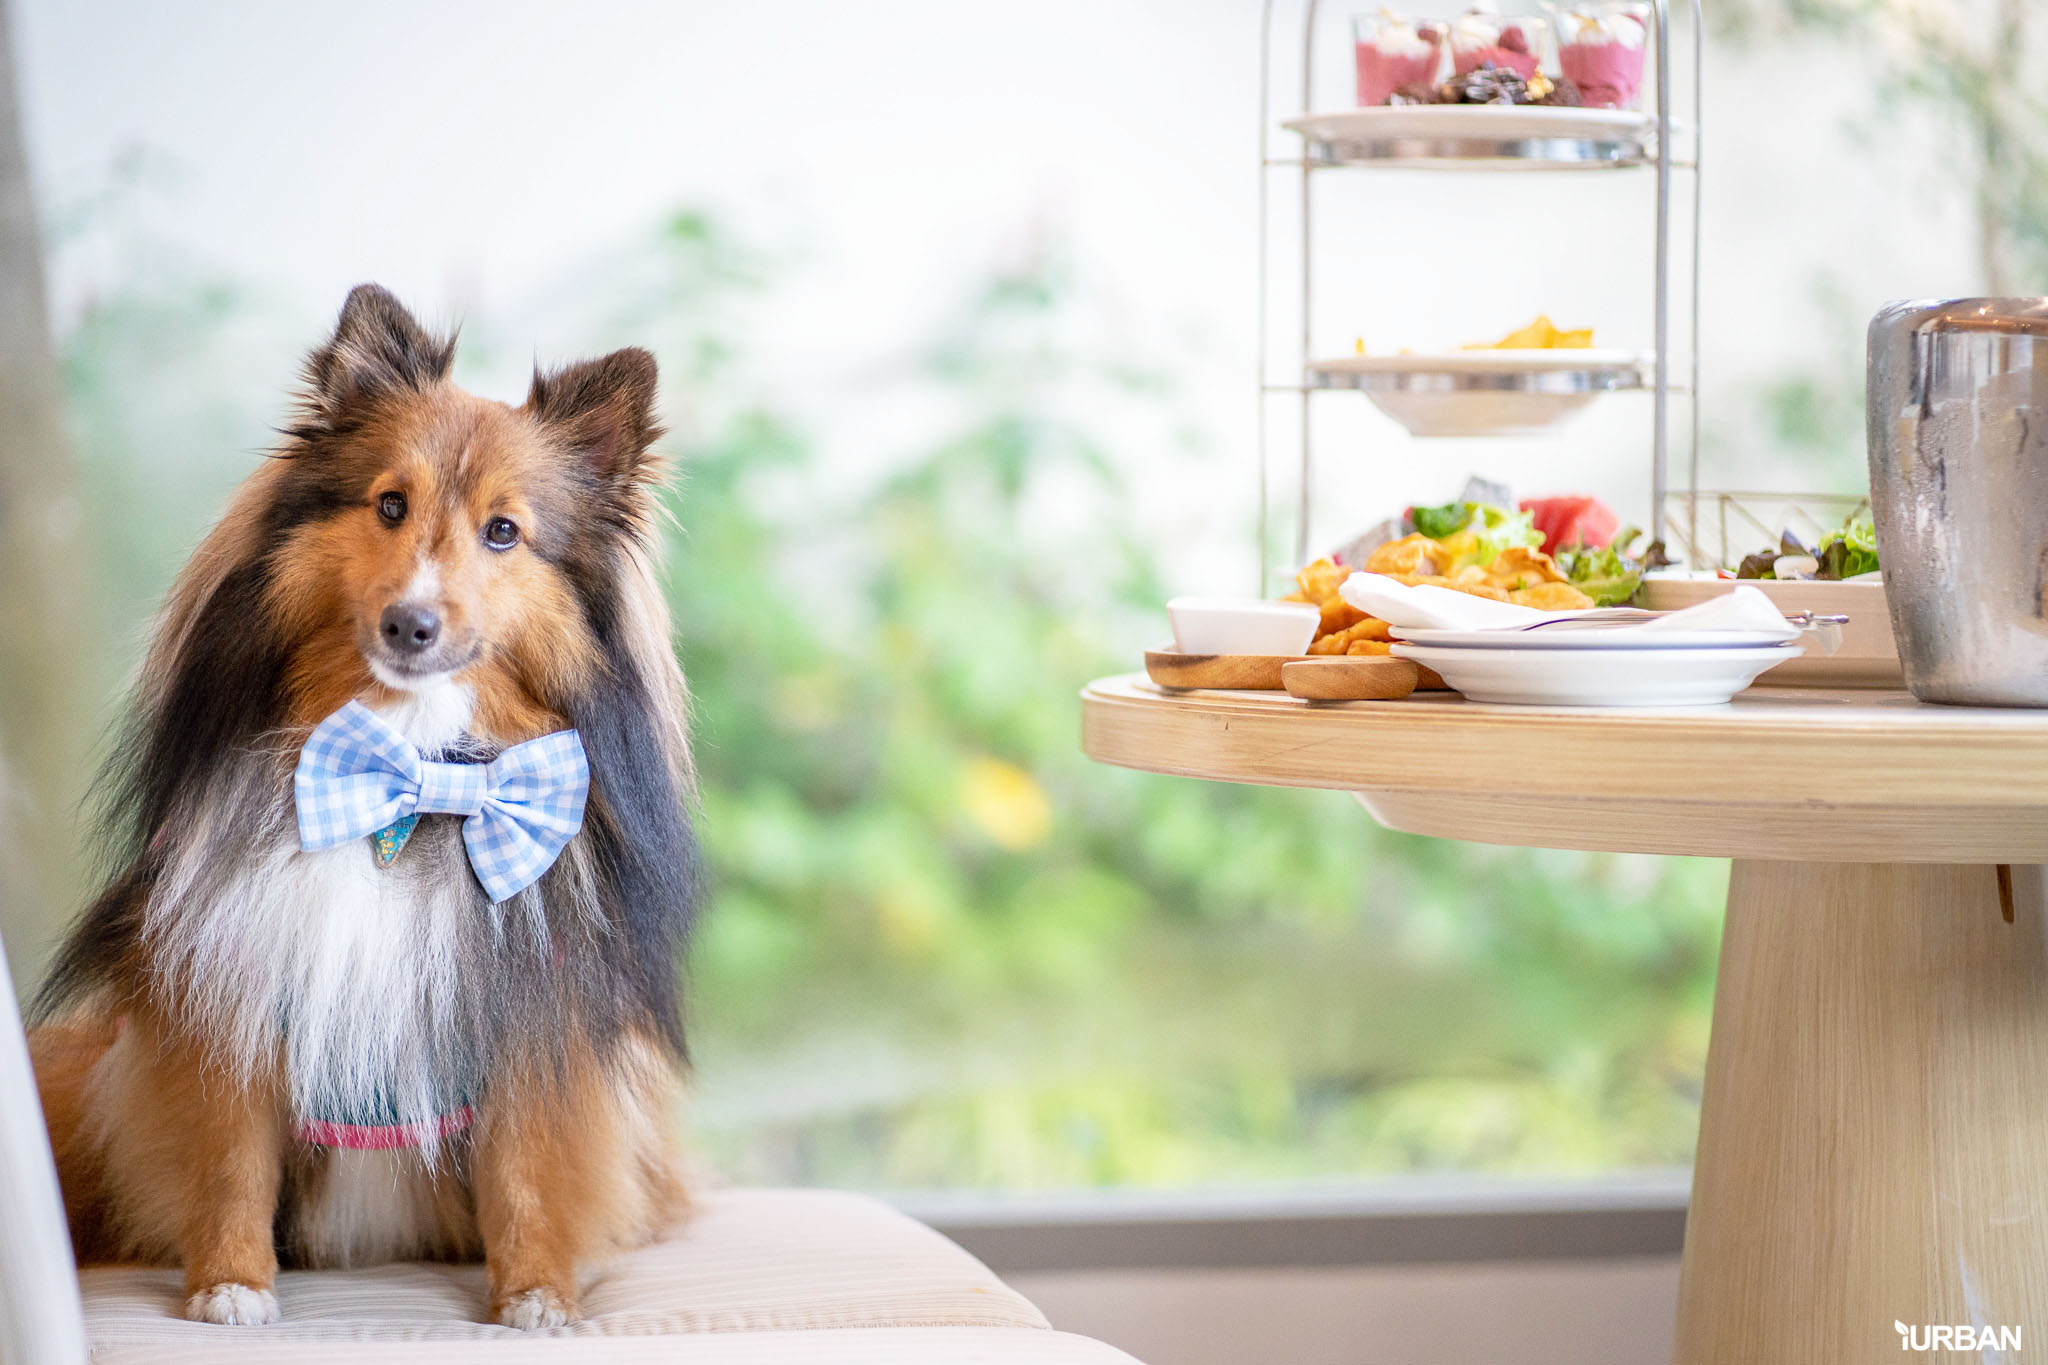 รีวิว Avani+ Hua Hin Resort พูลวิลล่าส่วนตัวสุดหรู หนึ่งในรีสอร์ทสุนัขพักได้ที่ดีที่สุดในไทยจากเชนจ์ Minor 65 - Avani